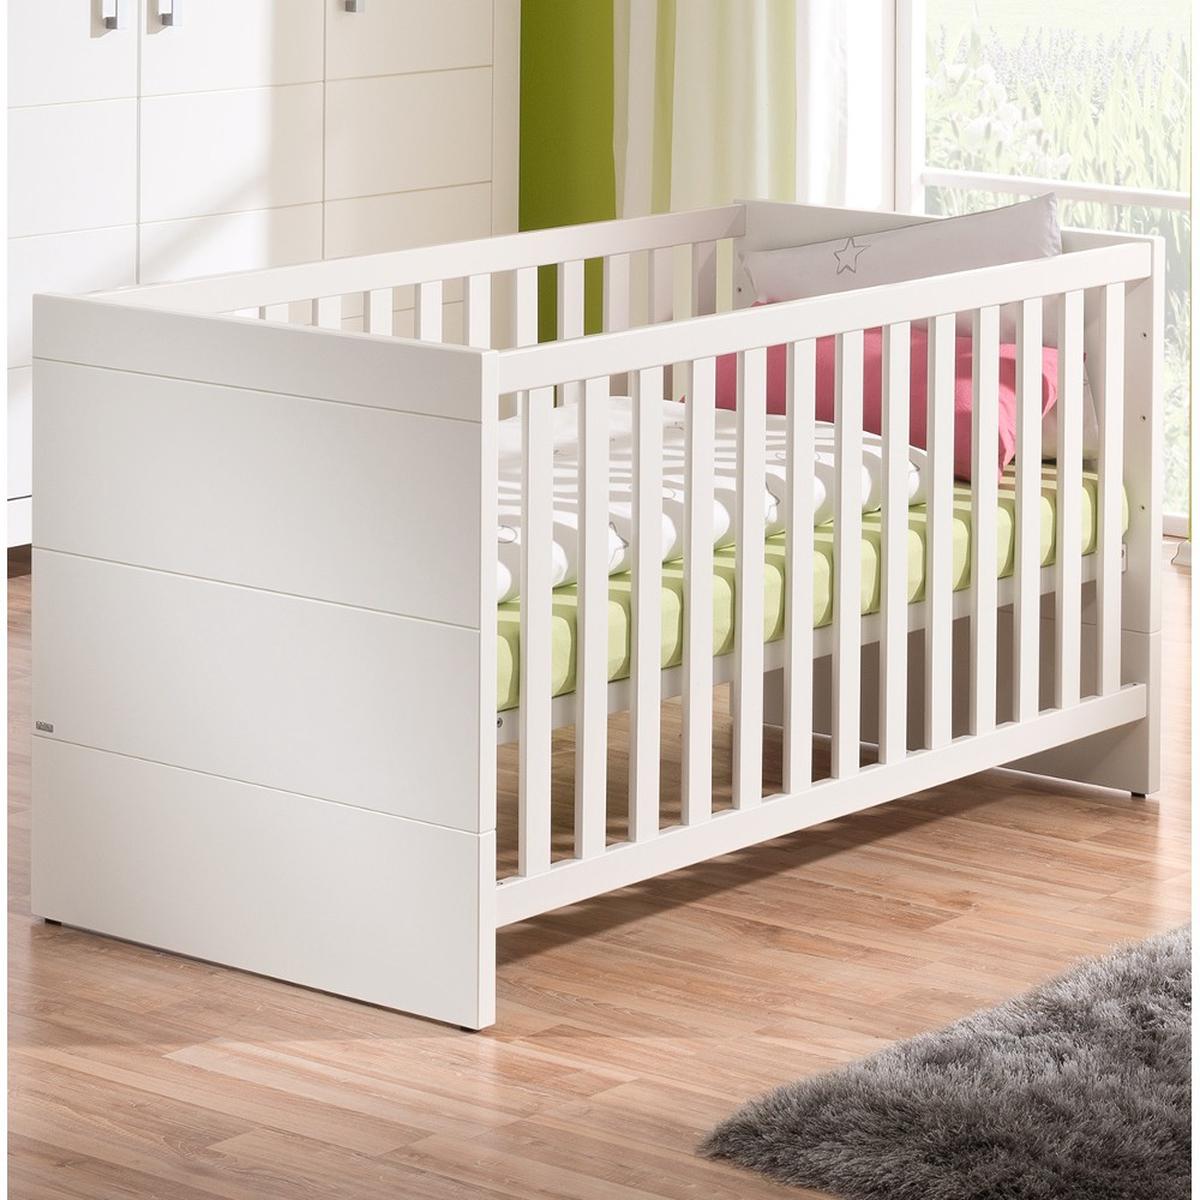 Full Size of Babyartikel Erstausstattung Online Kaufen Bett Hoch Betten Mannheim Weiß 180x200 Massivholz 140x200 Leander Schlafzimmer 90x200 Mit Schubladen 200x200 Bett Paidi Bett